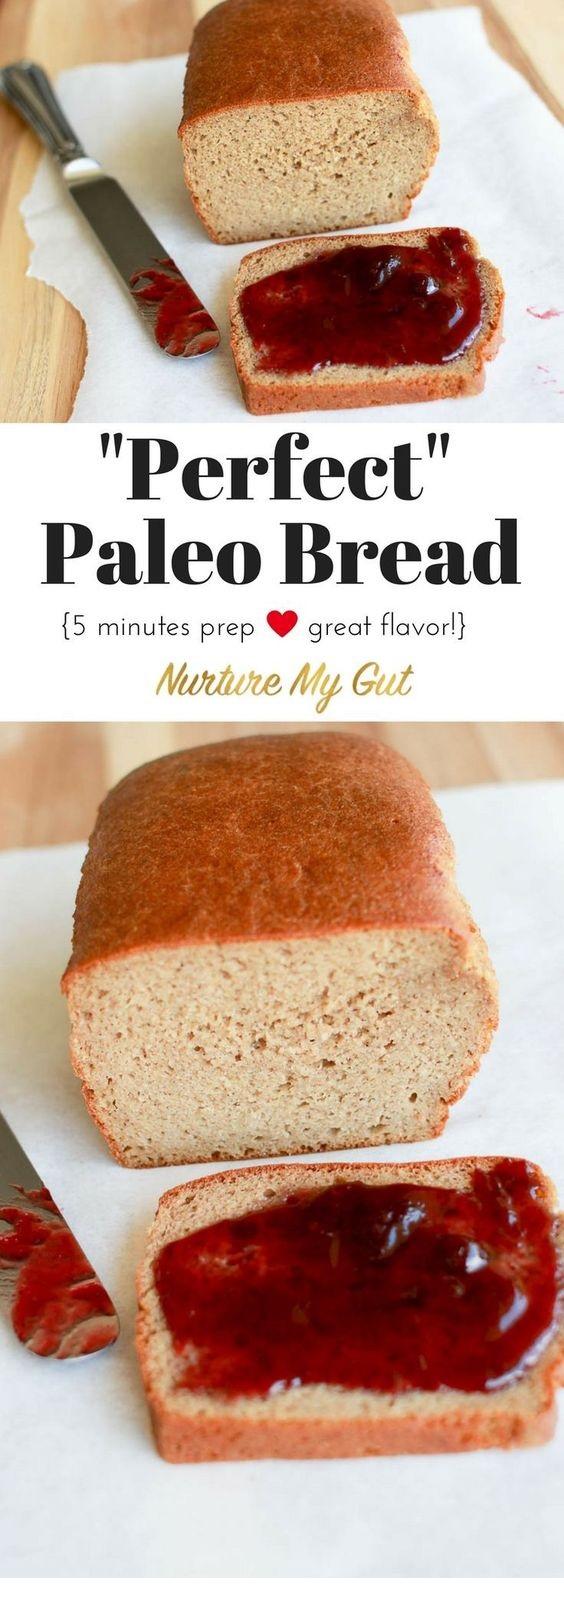 Perfect Paleo Bread